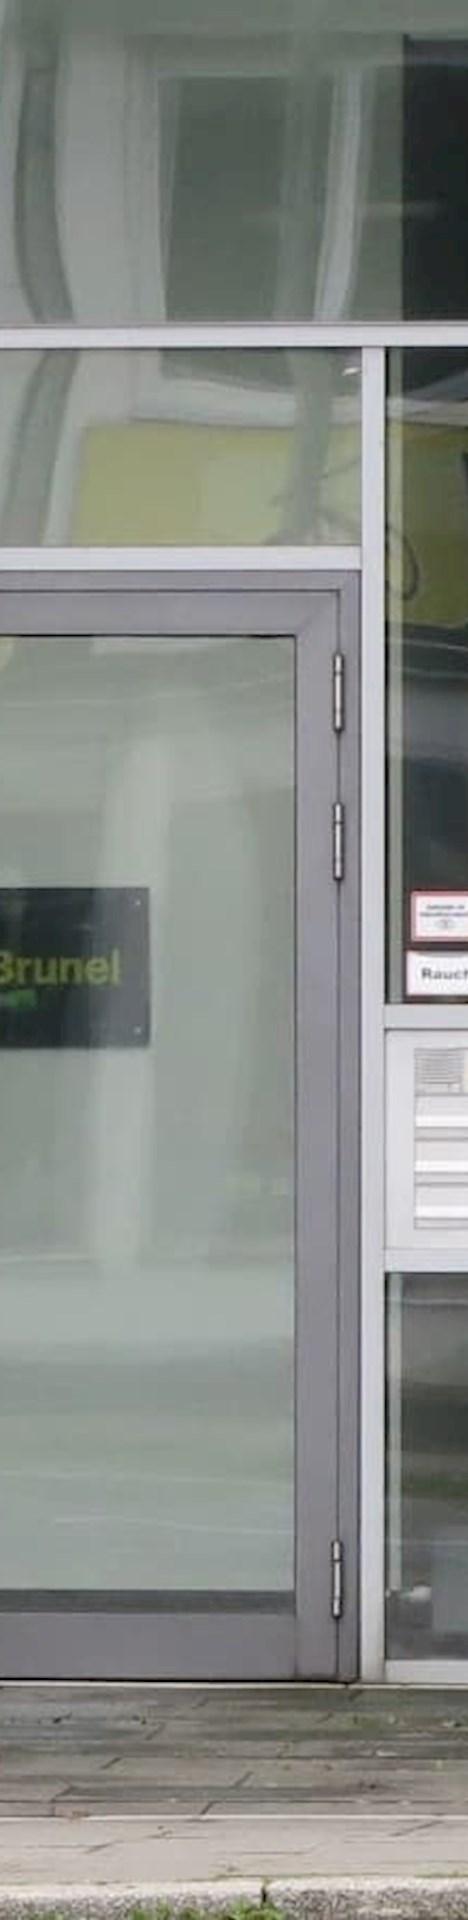 Eingang der Brunel Niederlassung Essen